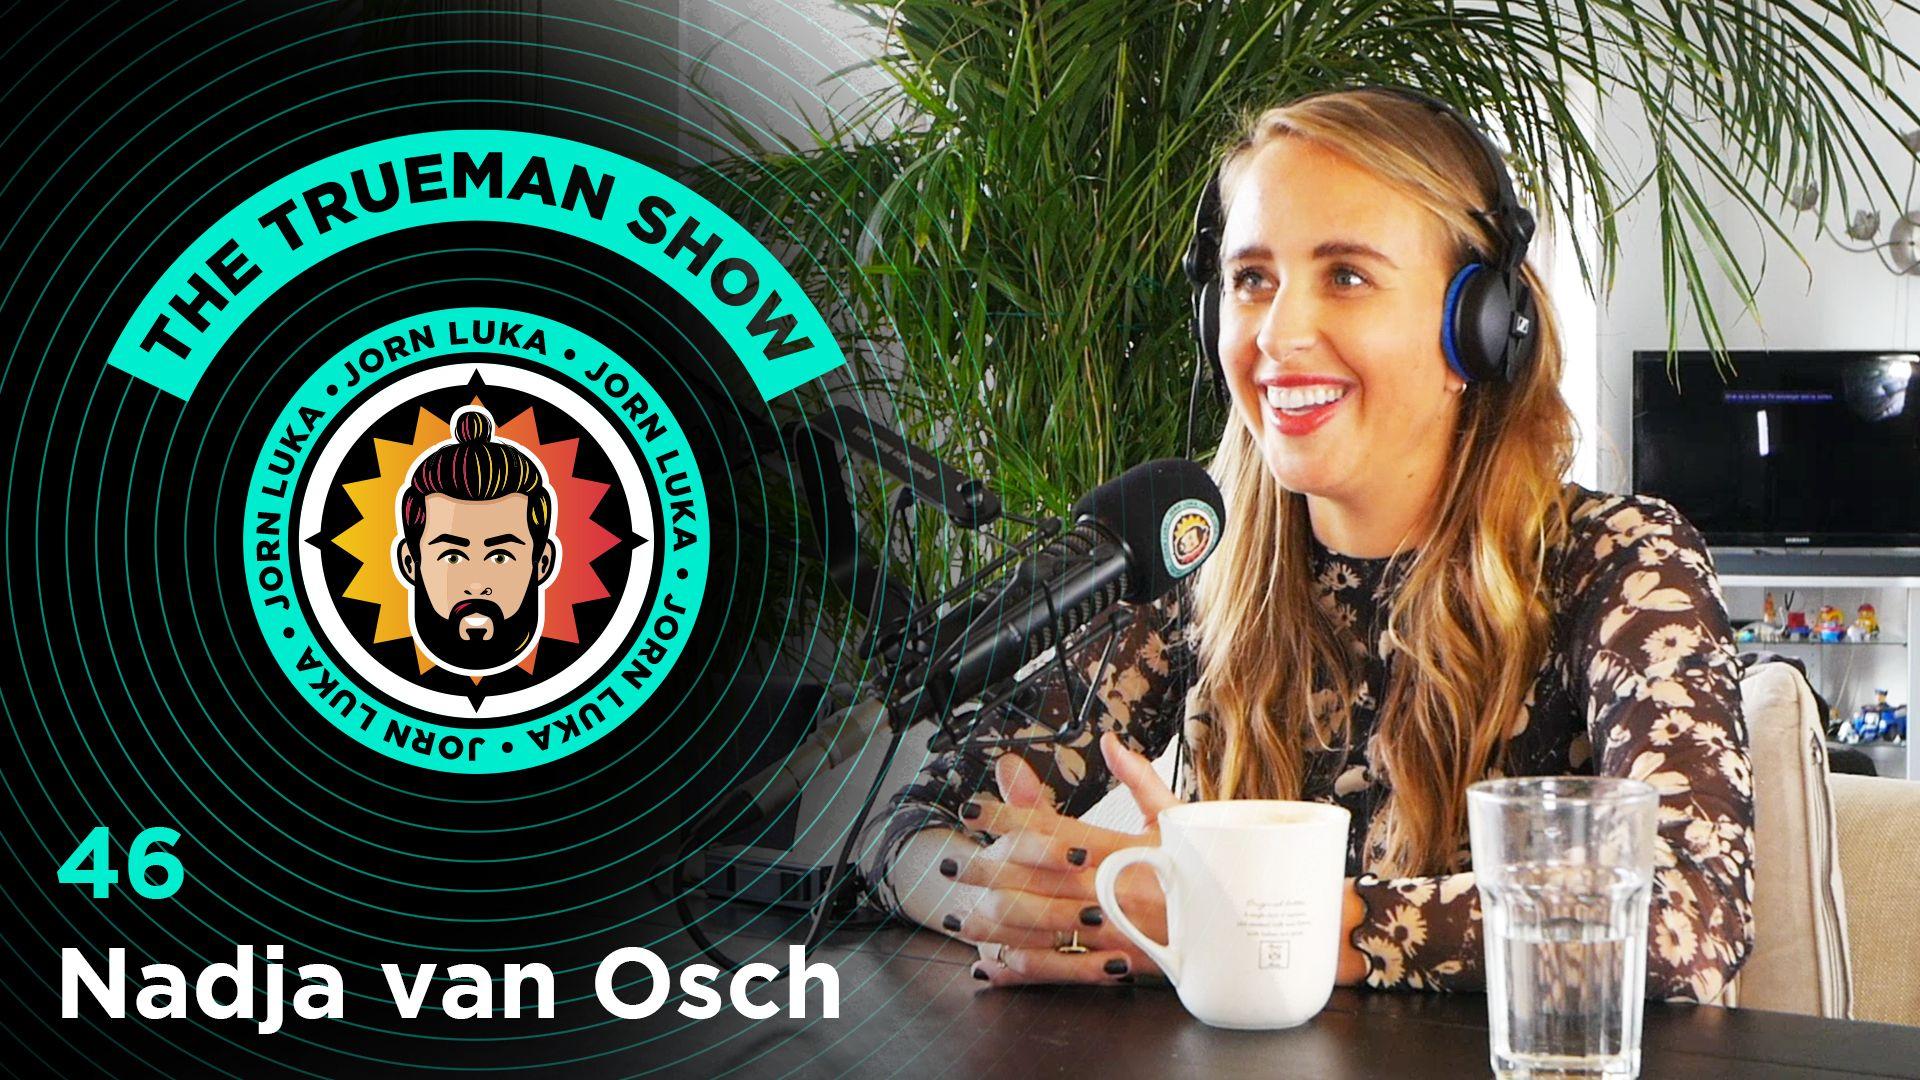 the-trueman-show-#46-nadja-van-osch